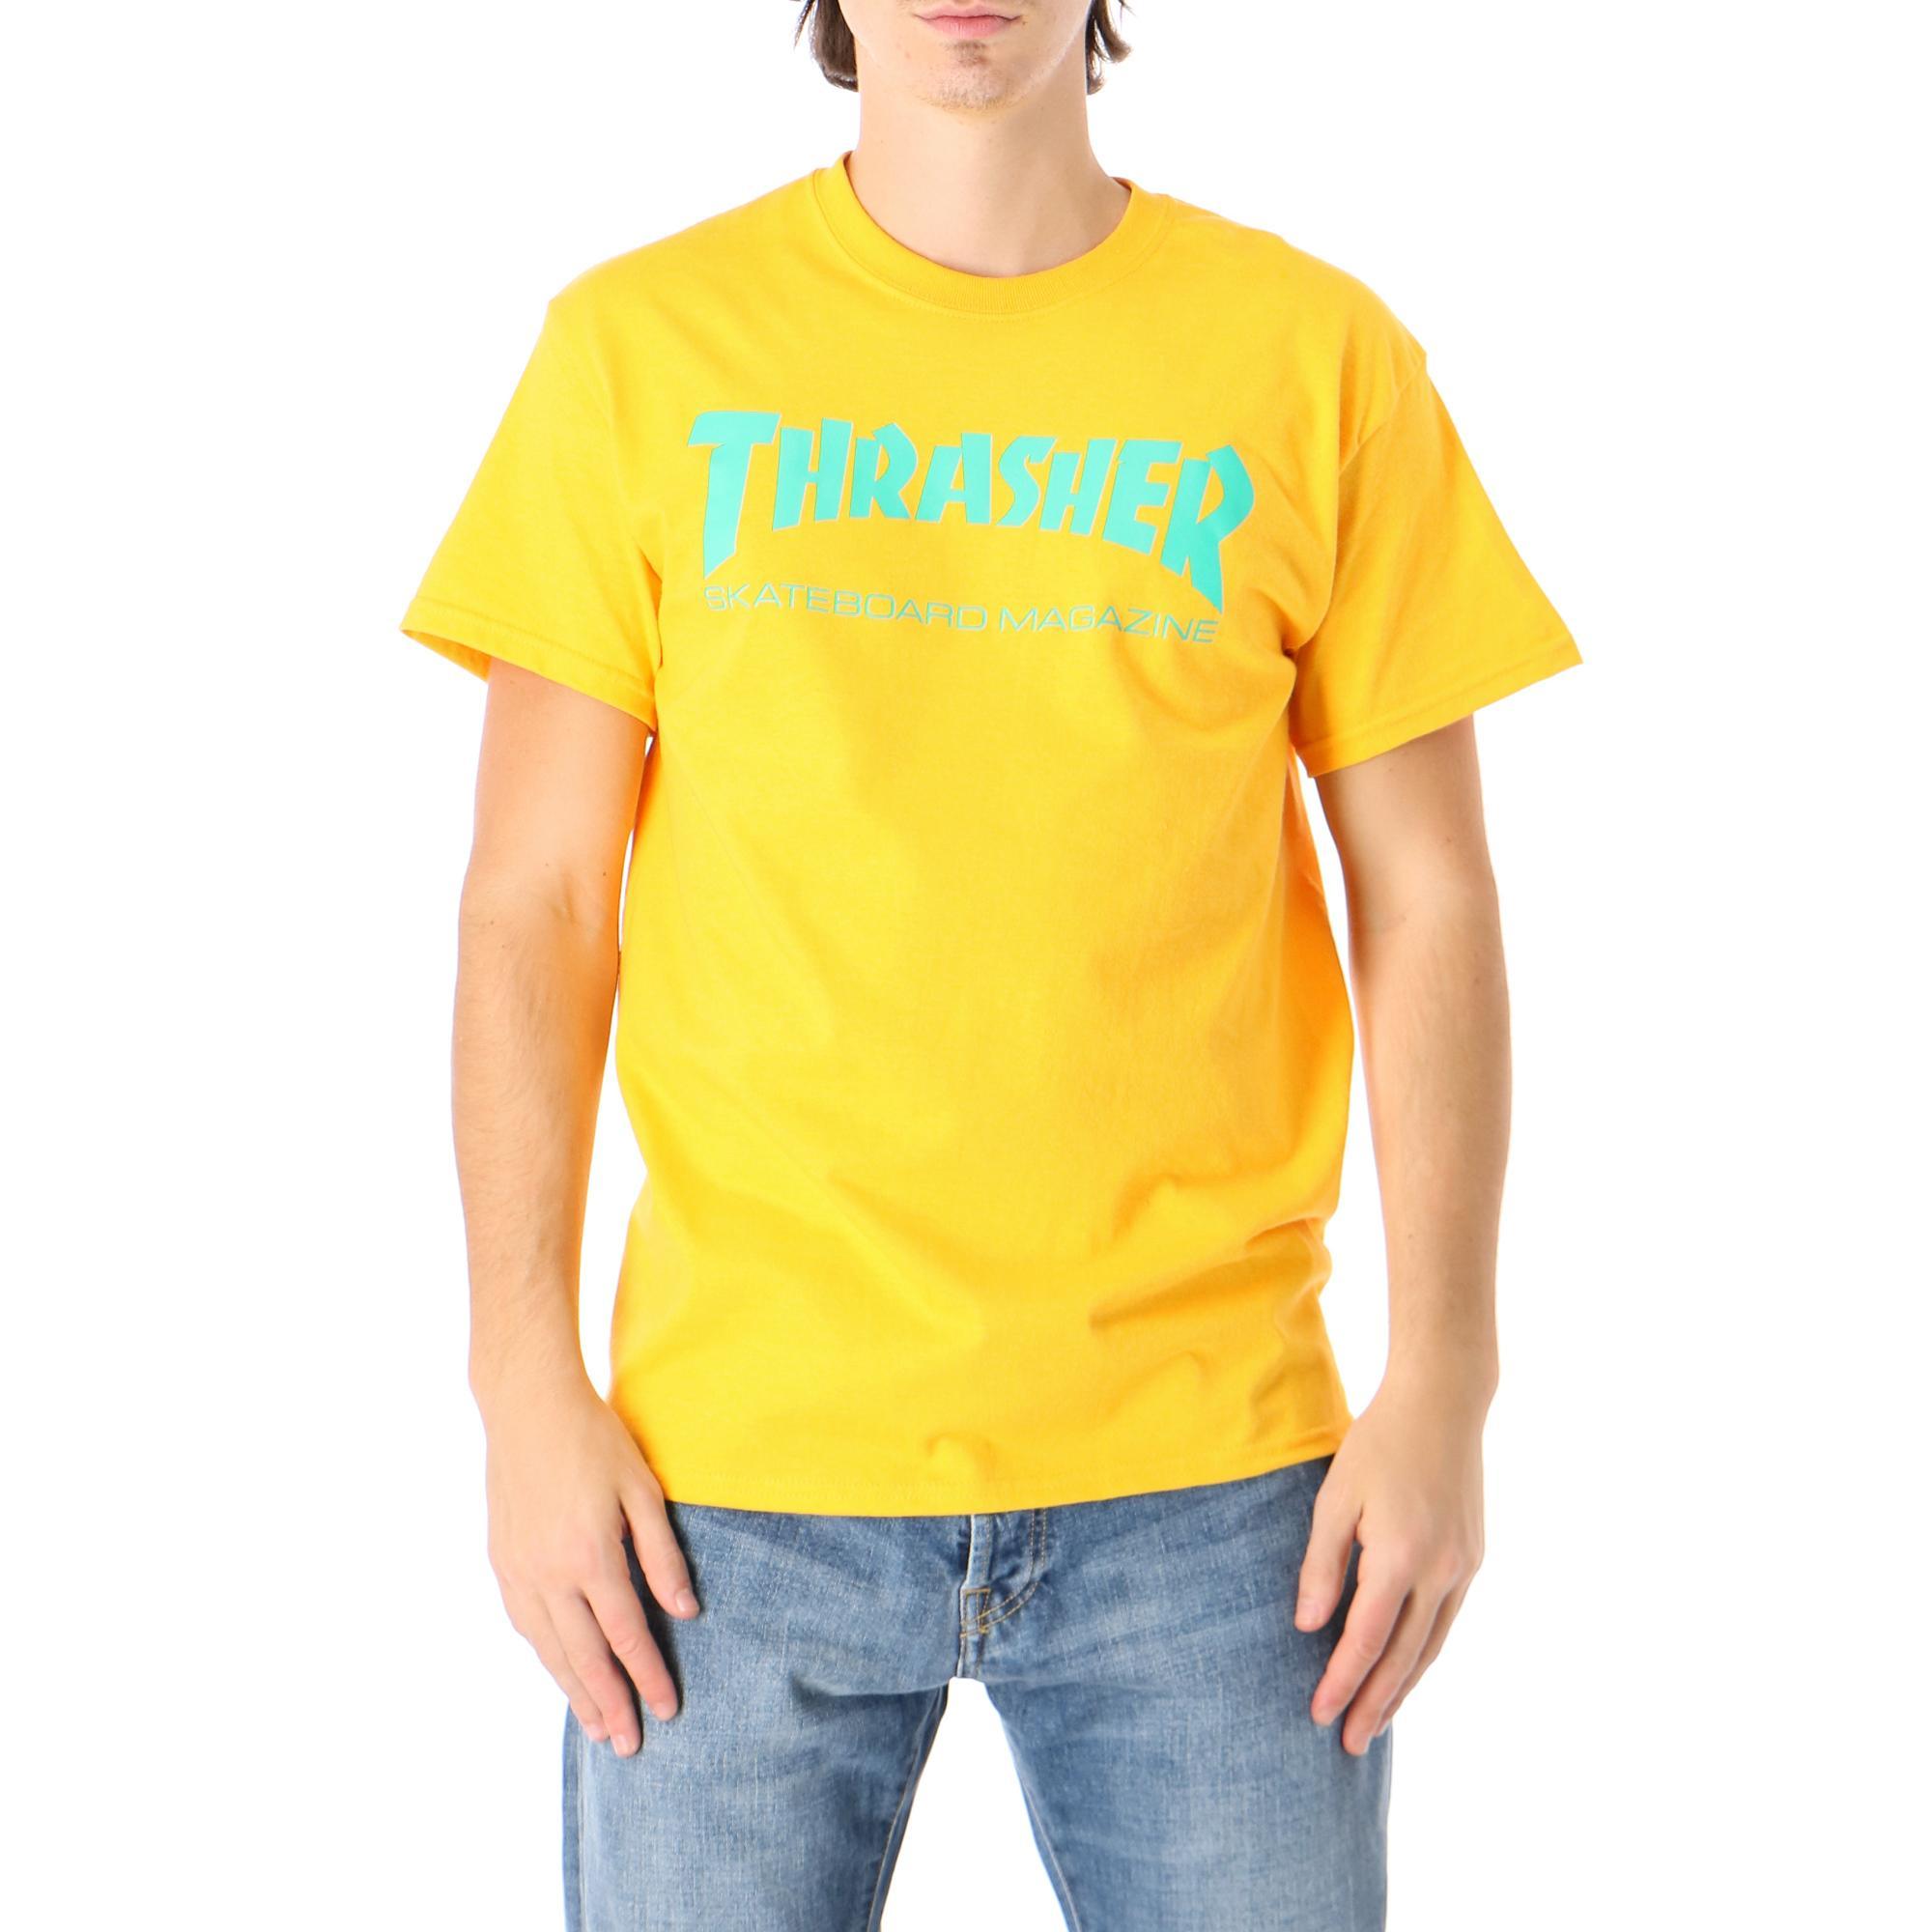 Thrasher Skatemag Tee GOLD